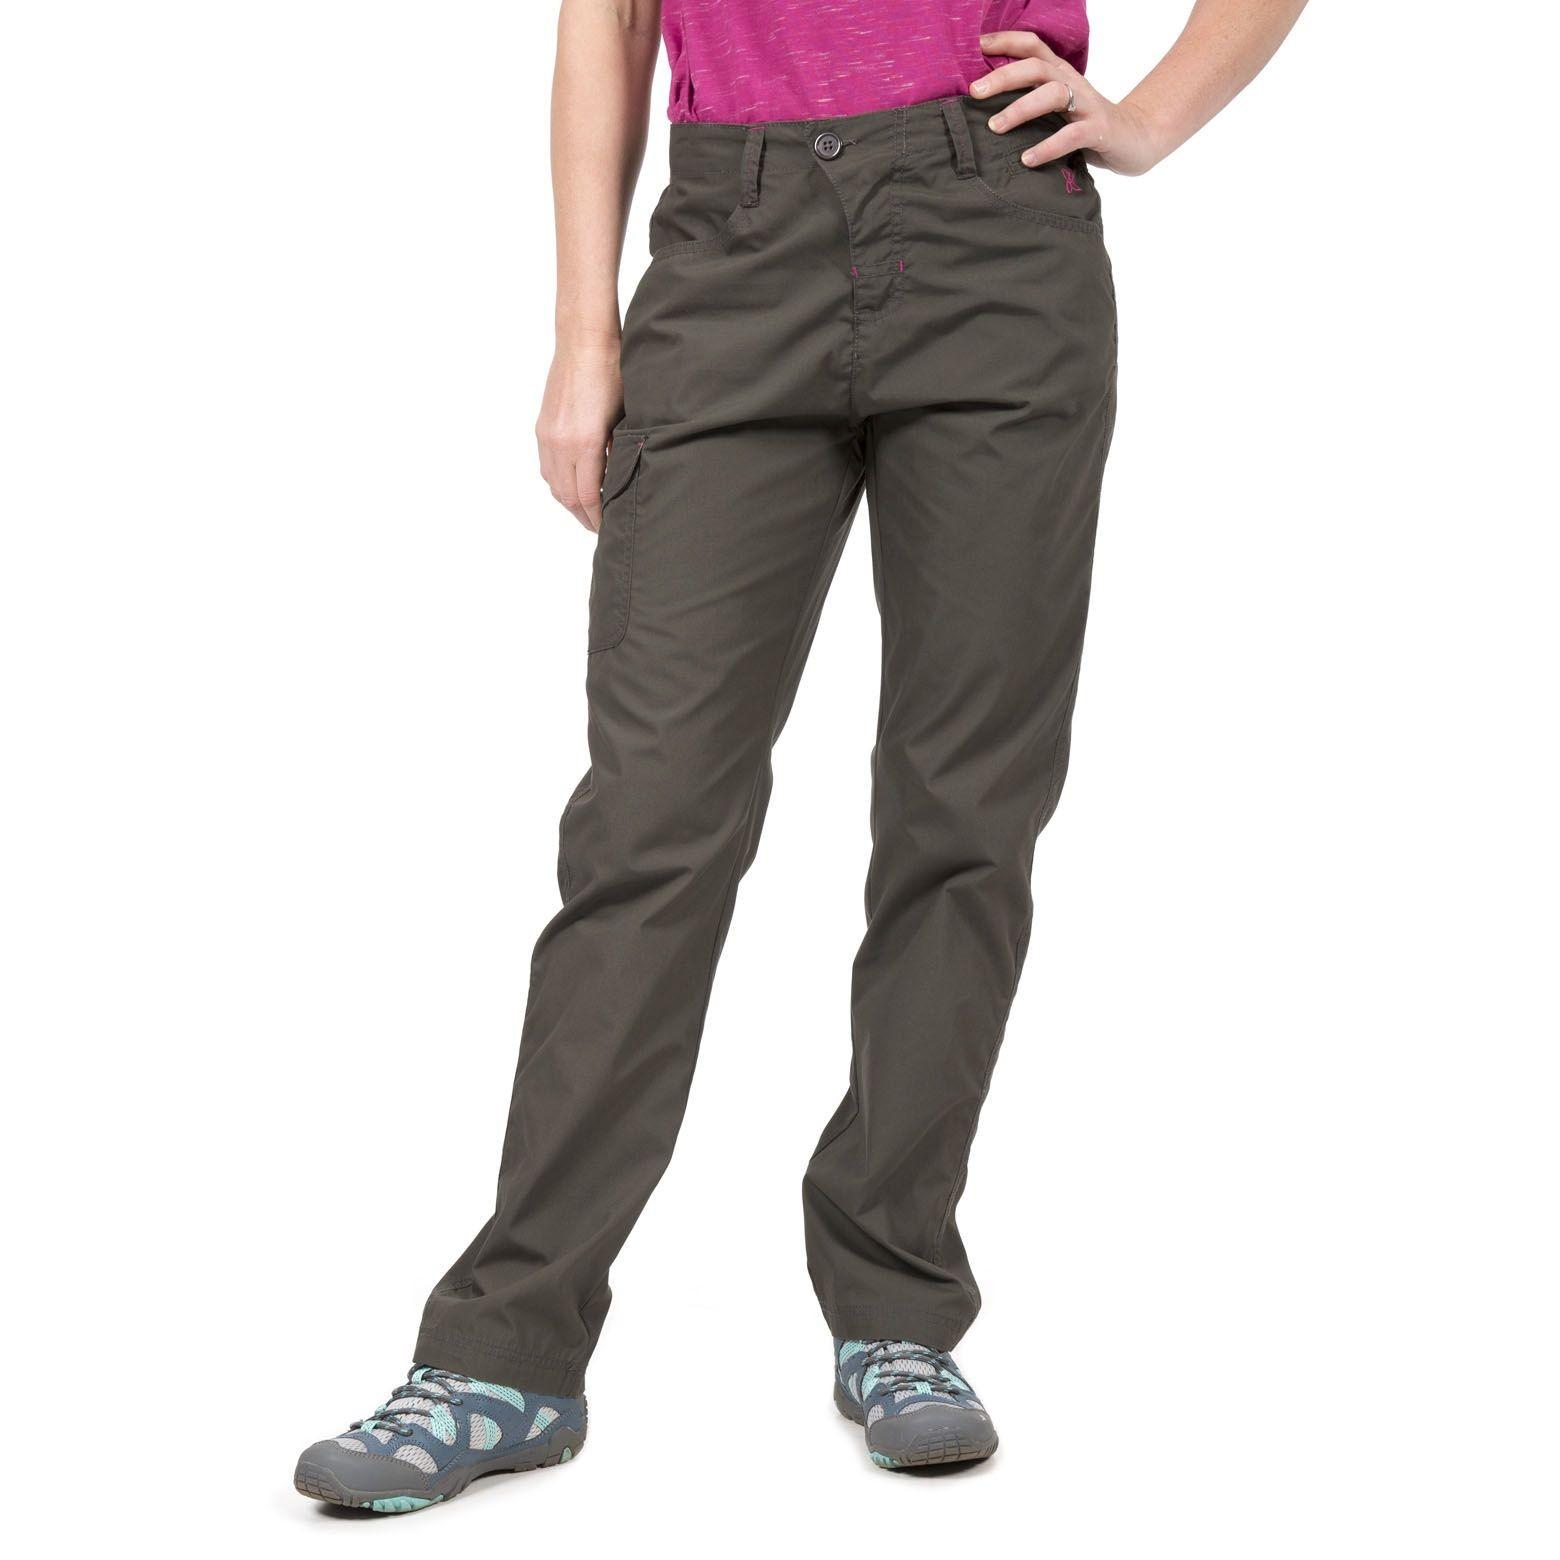 Spodnie trekkingowe damskie RAMBLER TRESPASS Ivy